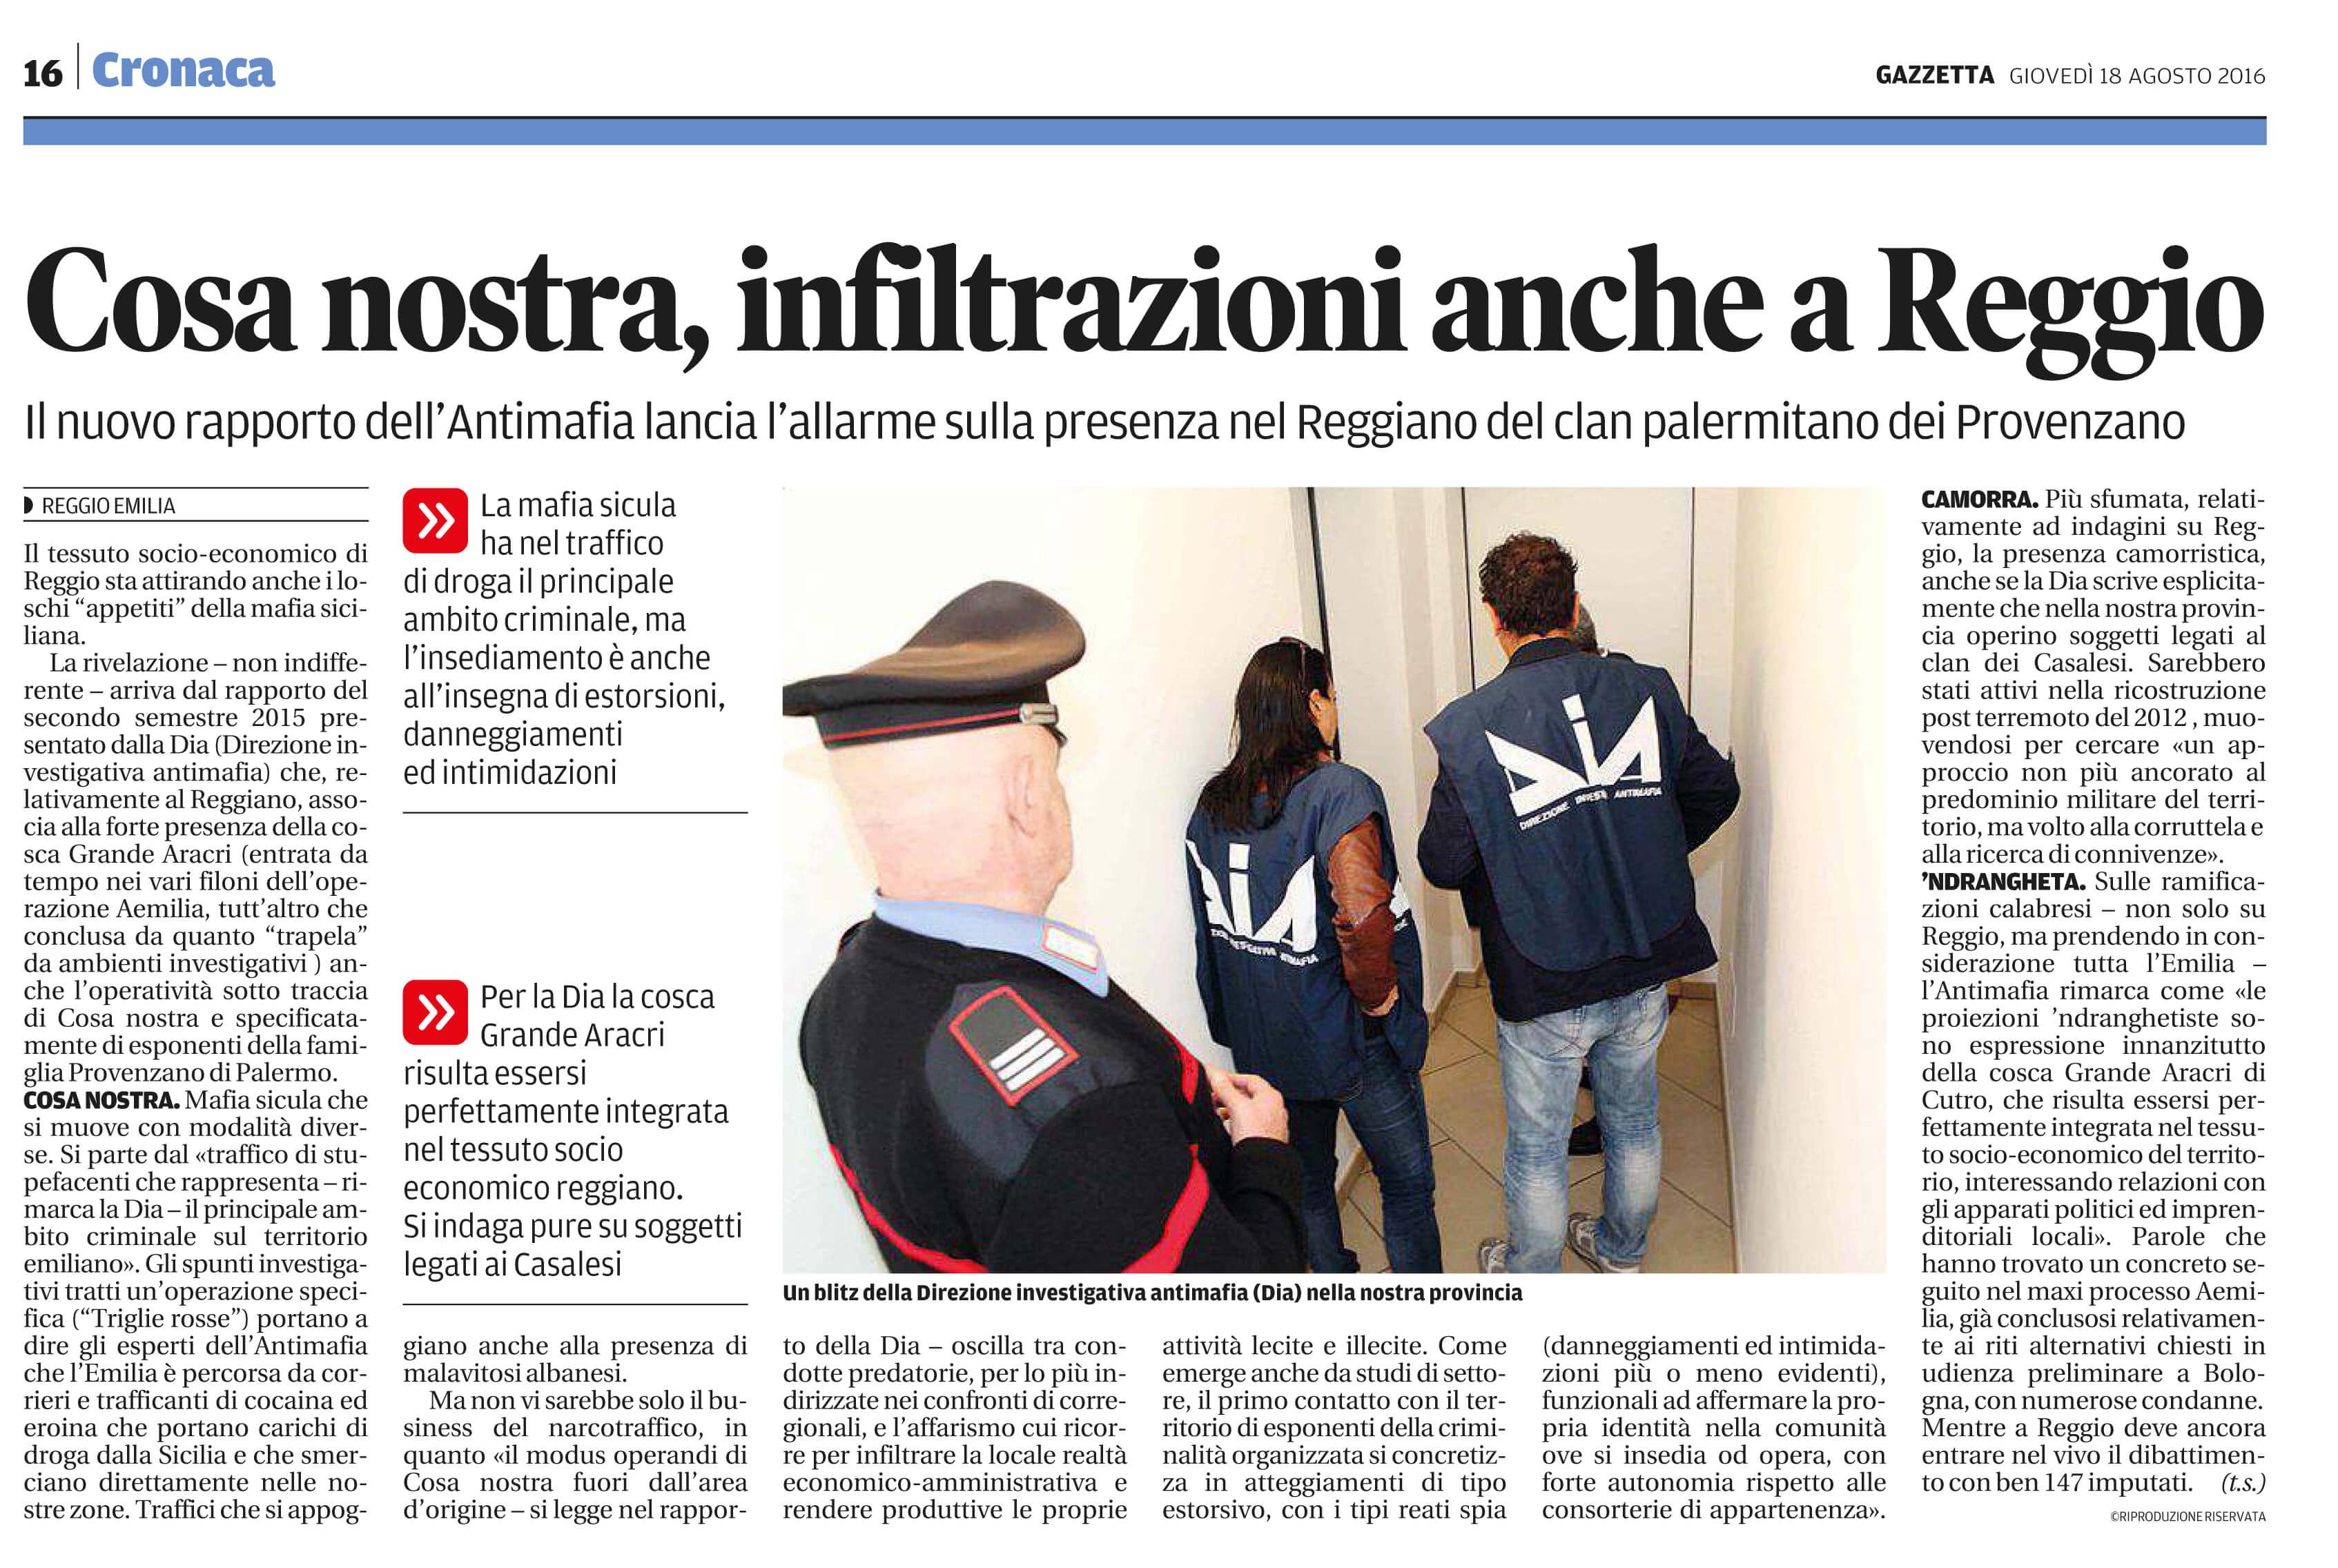 Cosa nostra, infiltrazioni a Reggio